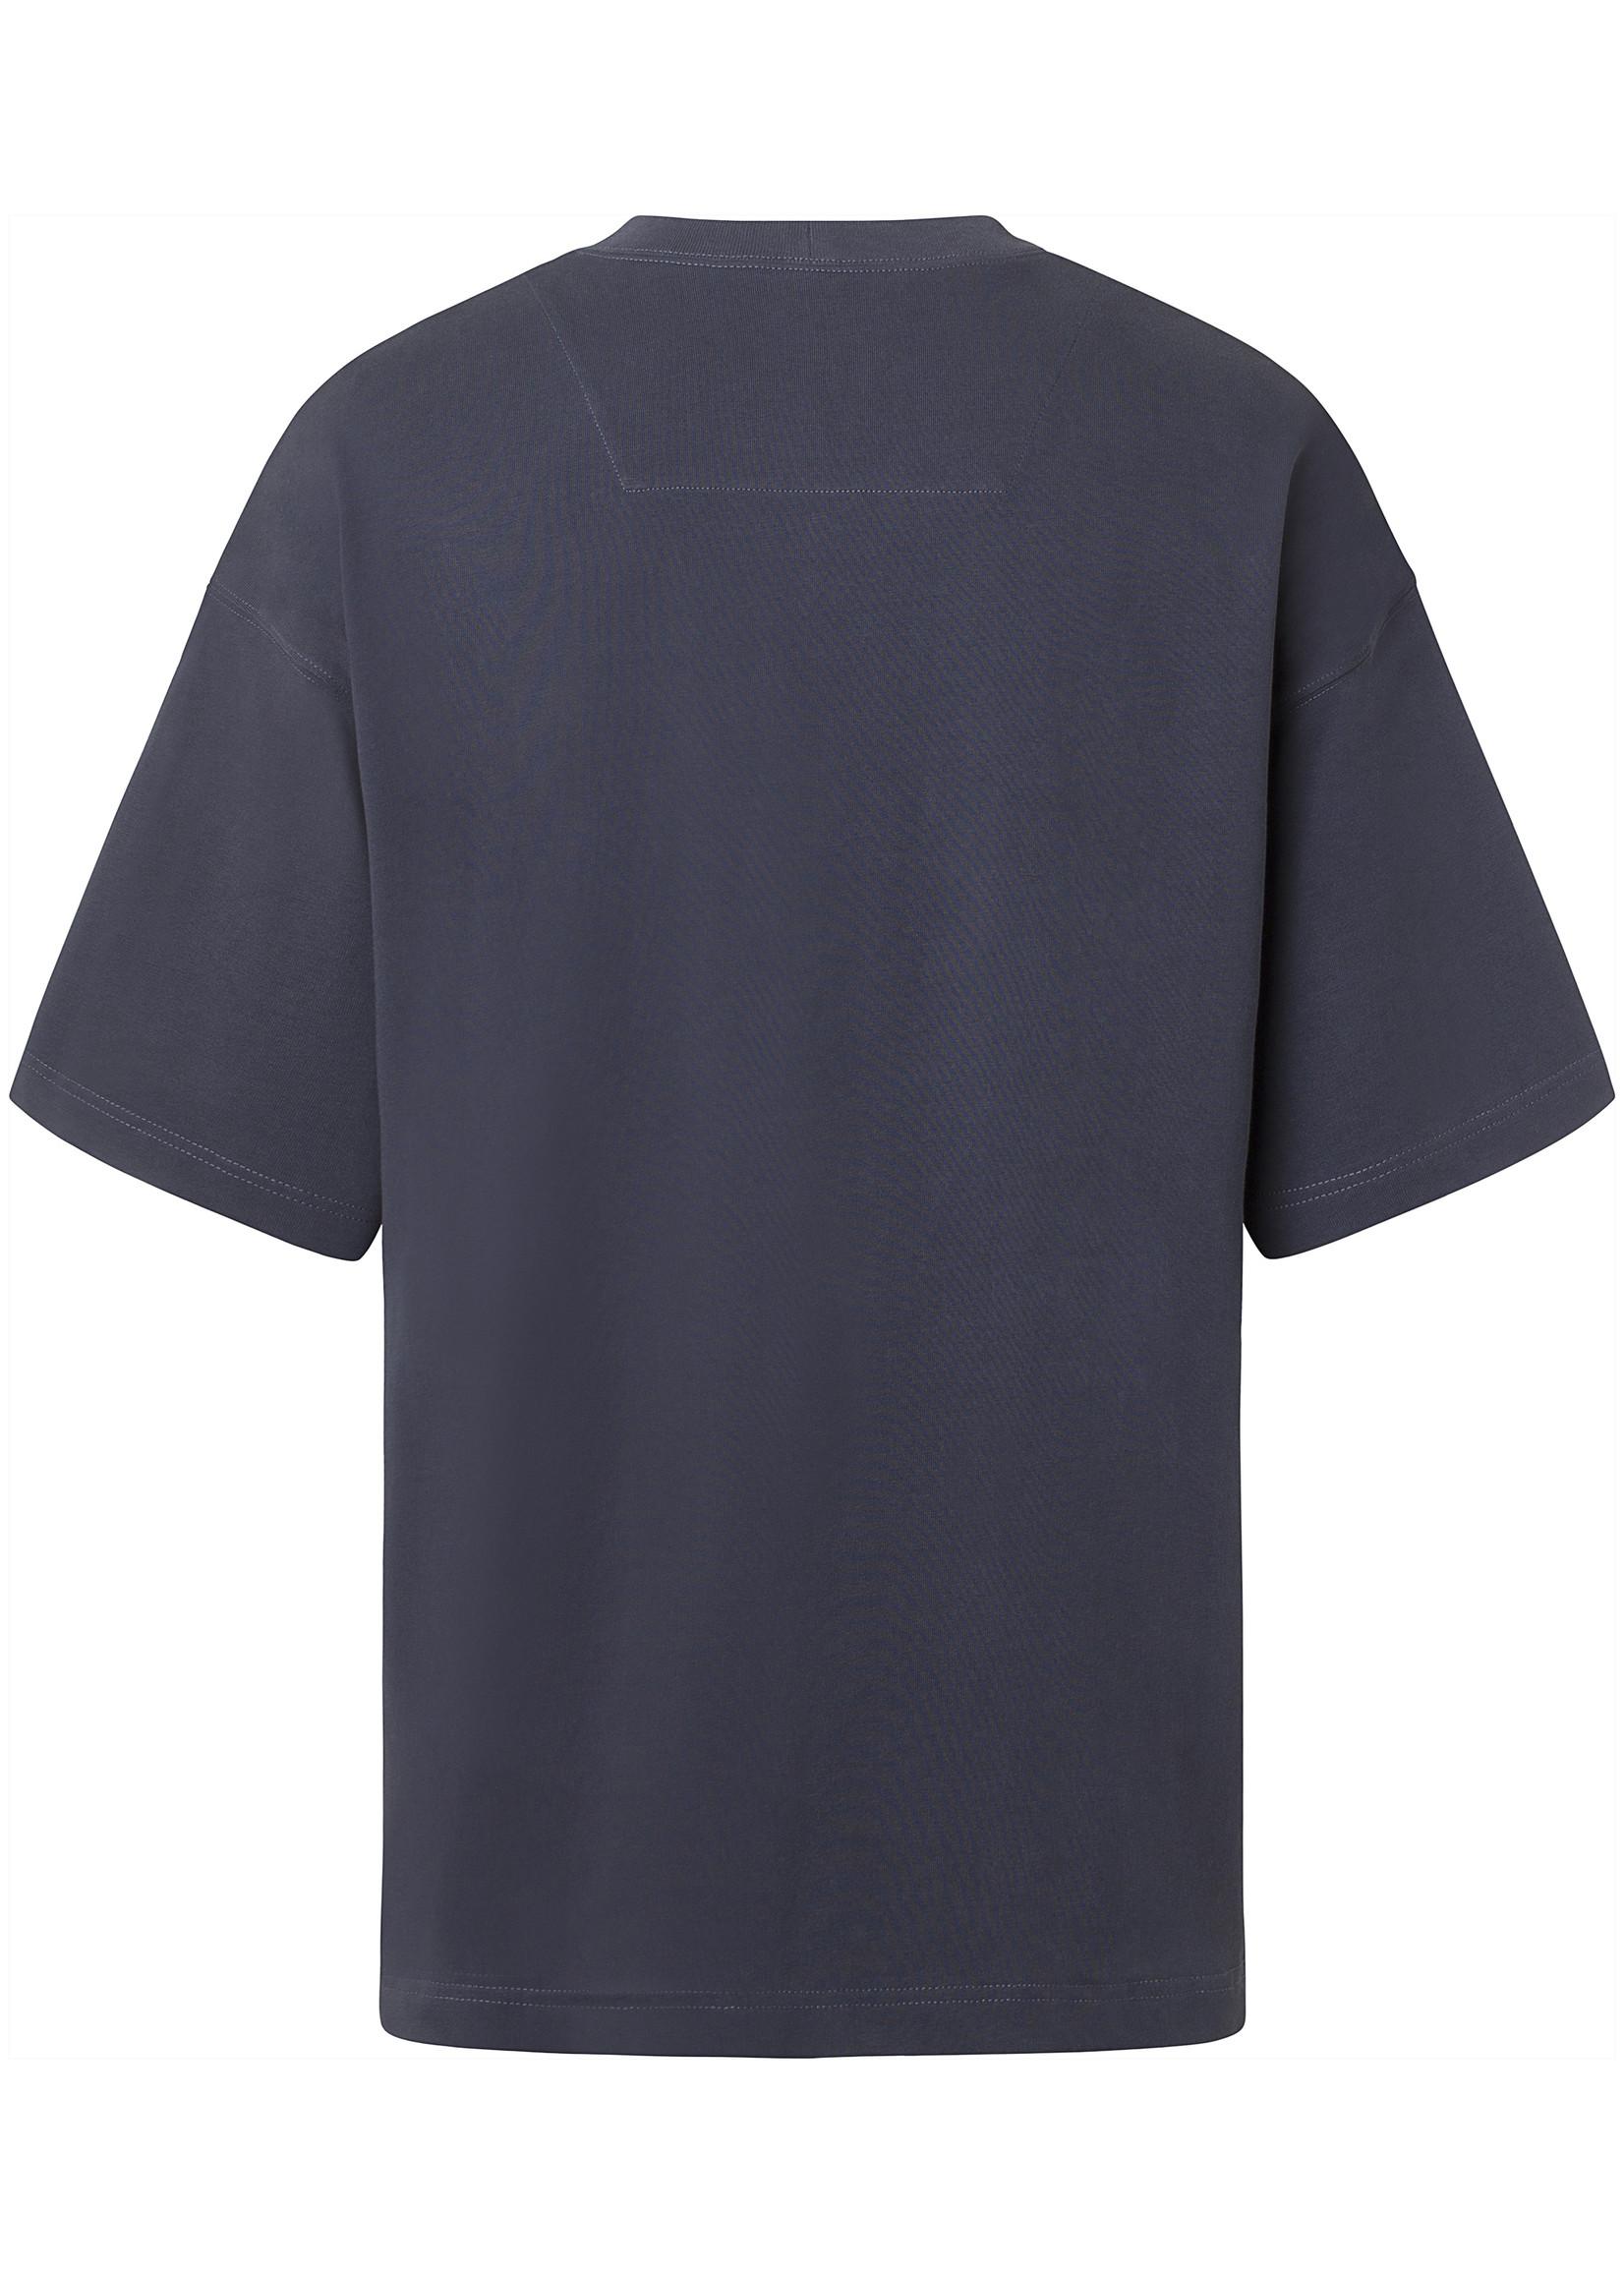 Samsoe & Samsoe Hjalmer T-Shirt 11725